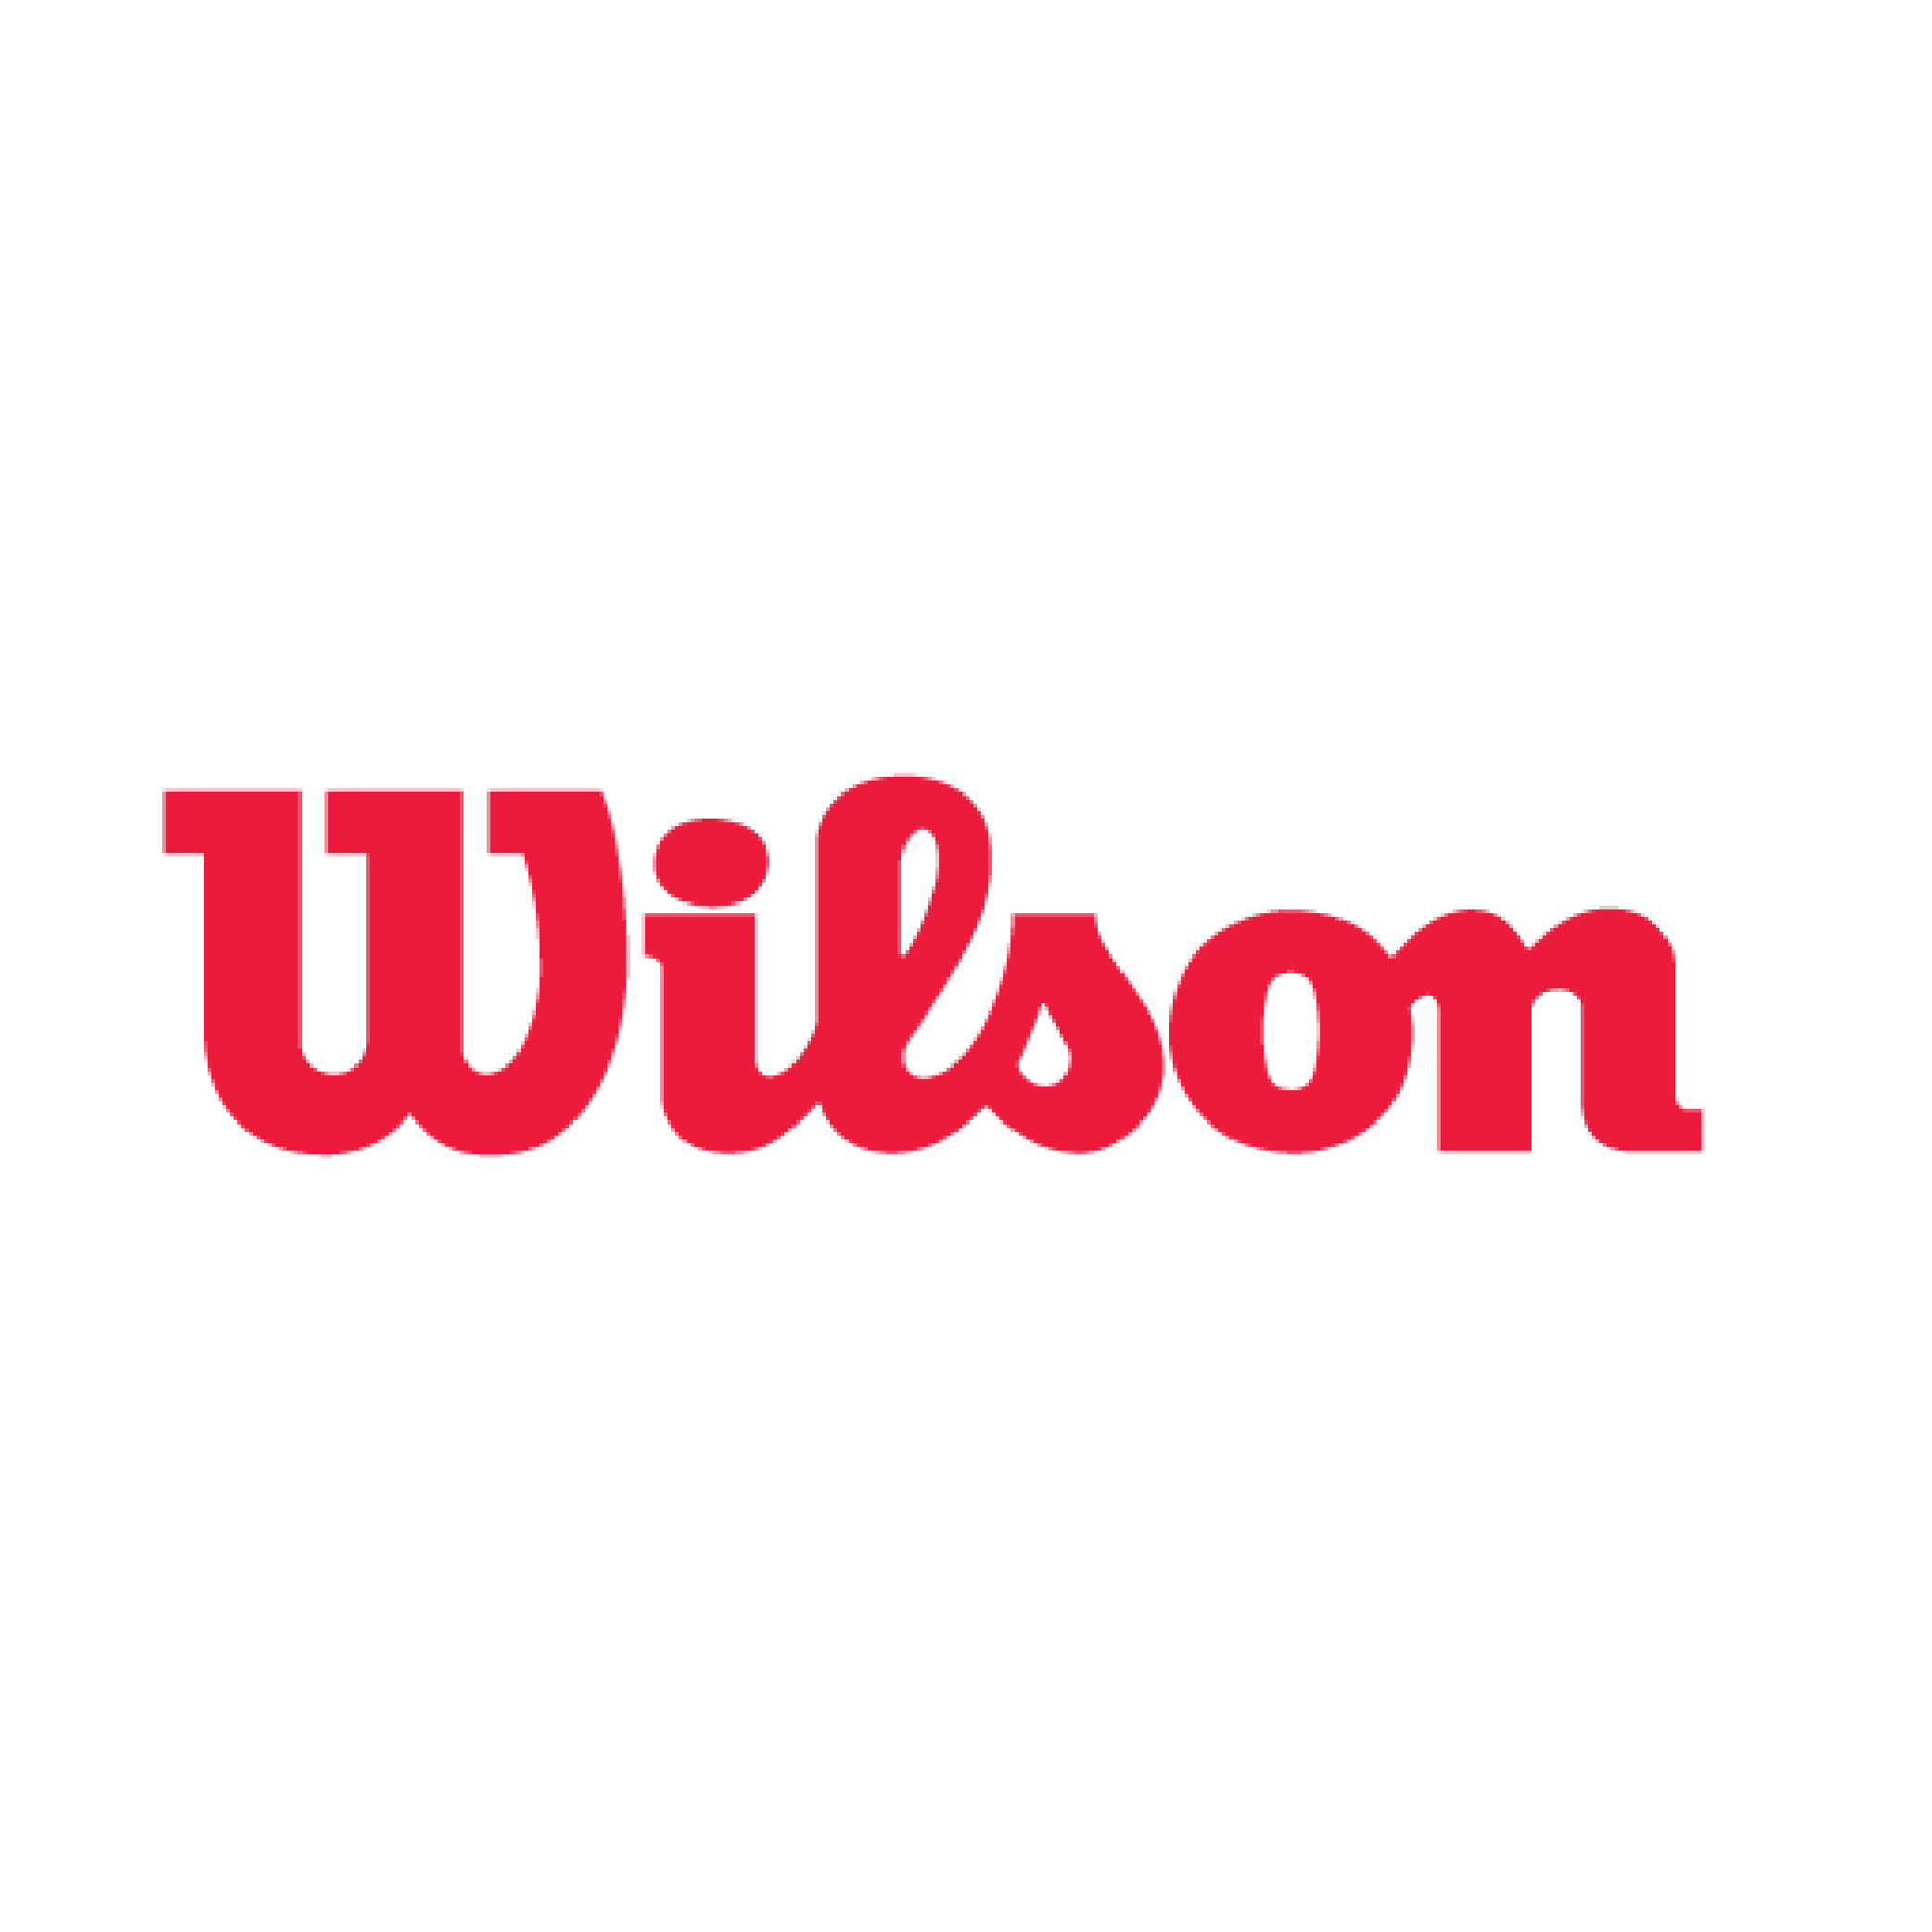 Wilson-01.png